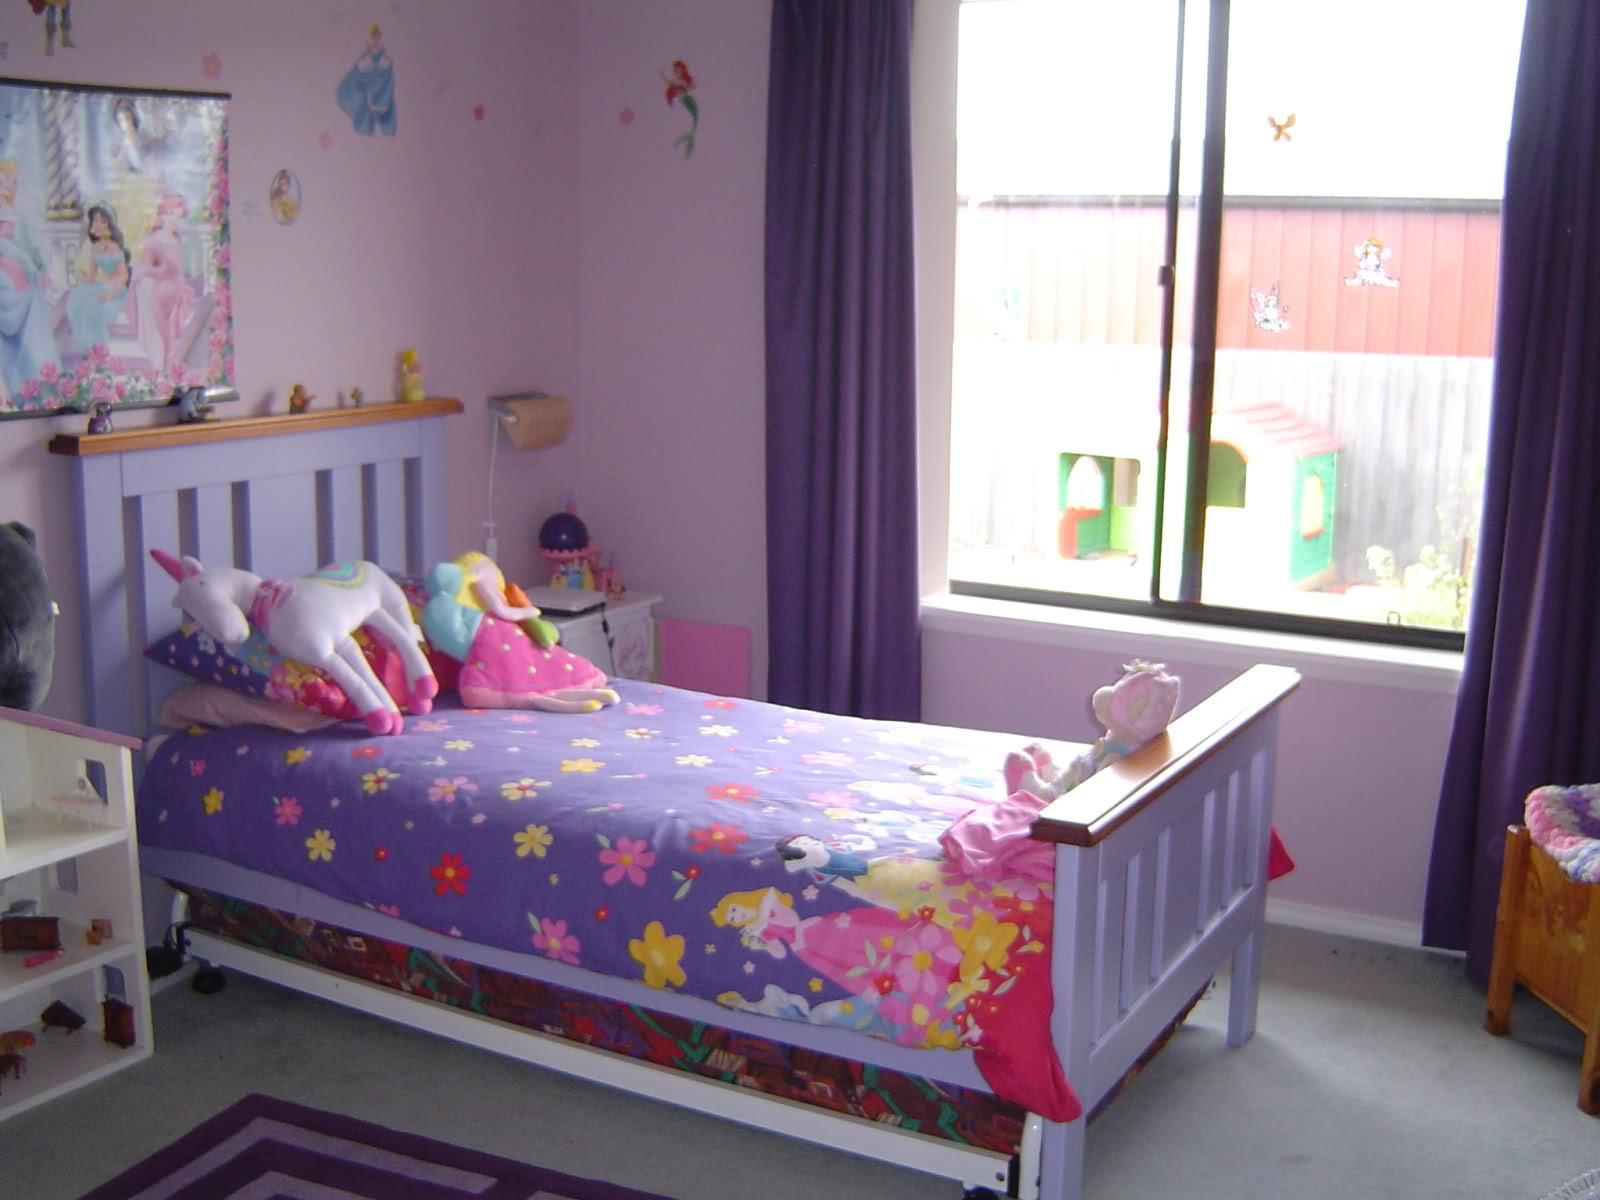 Excelent Kids Bedroom With Purple Kids Room Curtains Teen Single Bed Room Ideas 1600x1200 Wallpaper Teahub Io